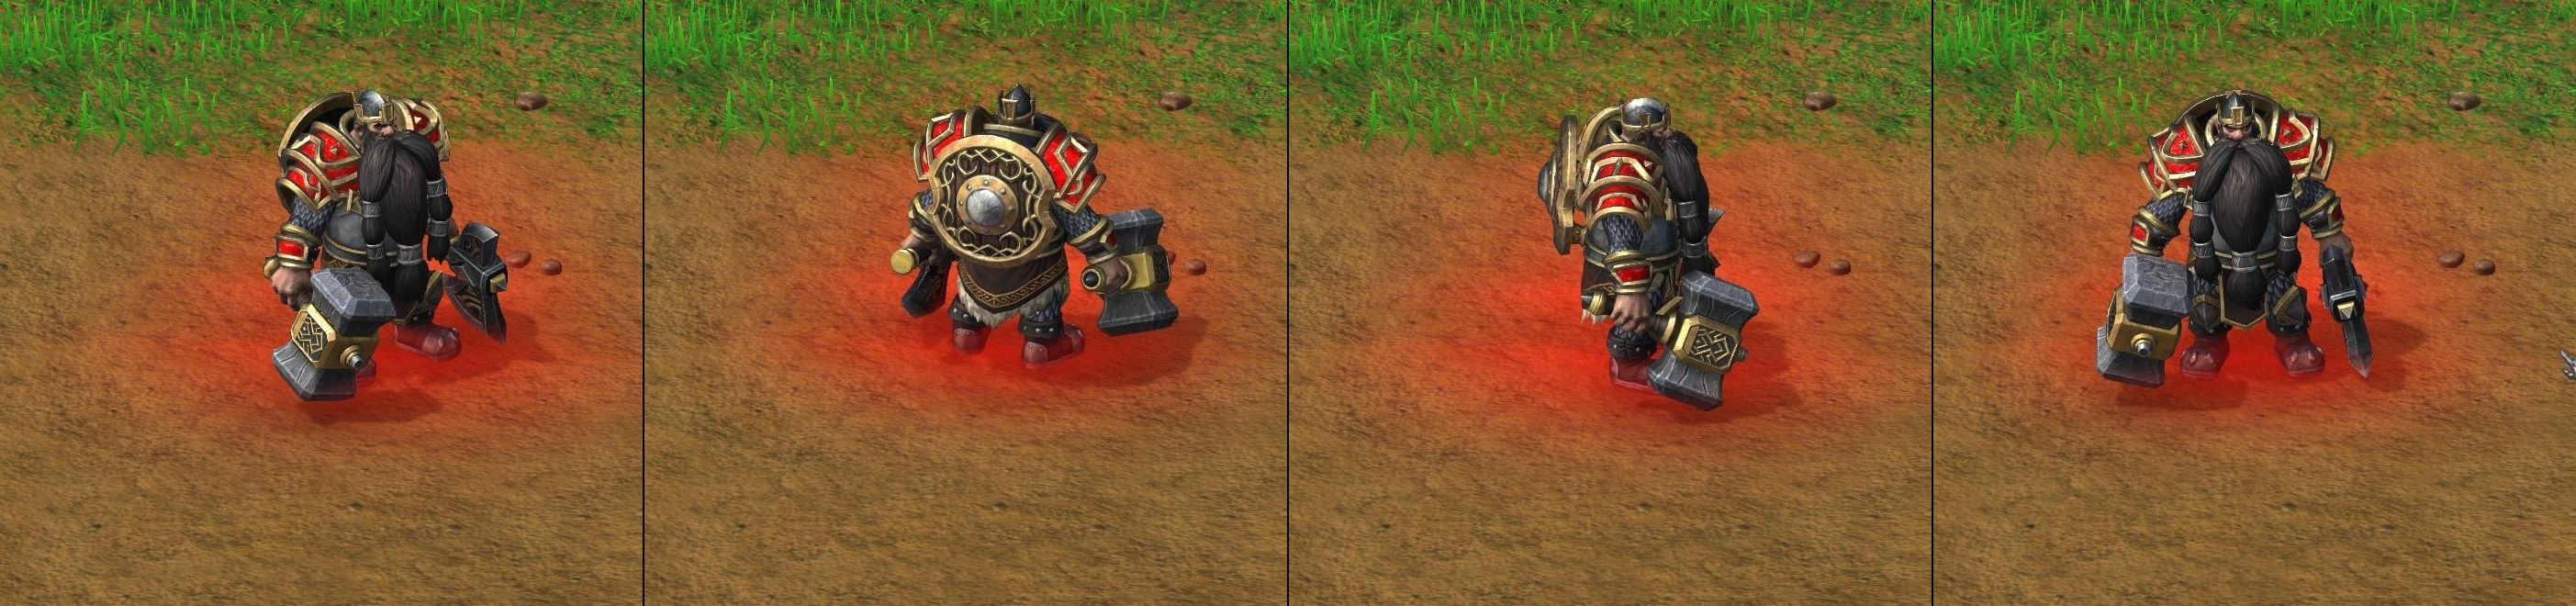 Warcraft 3 Reforged Mountain King